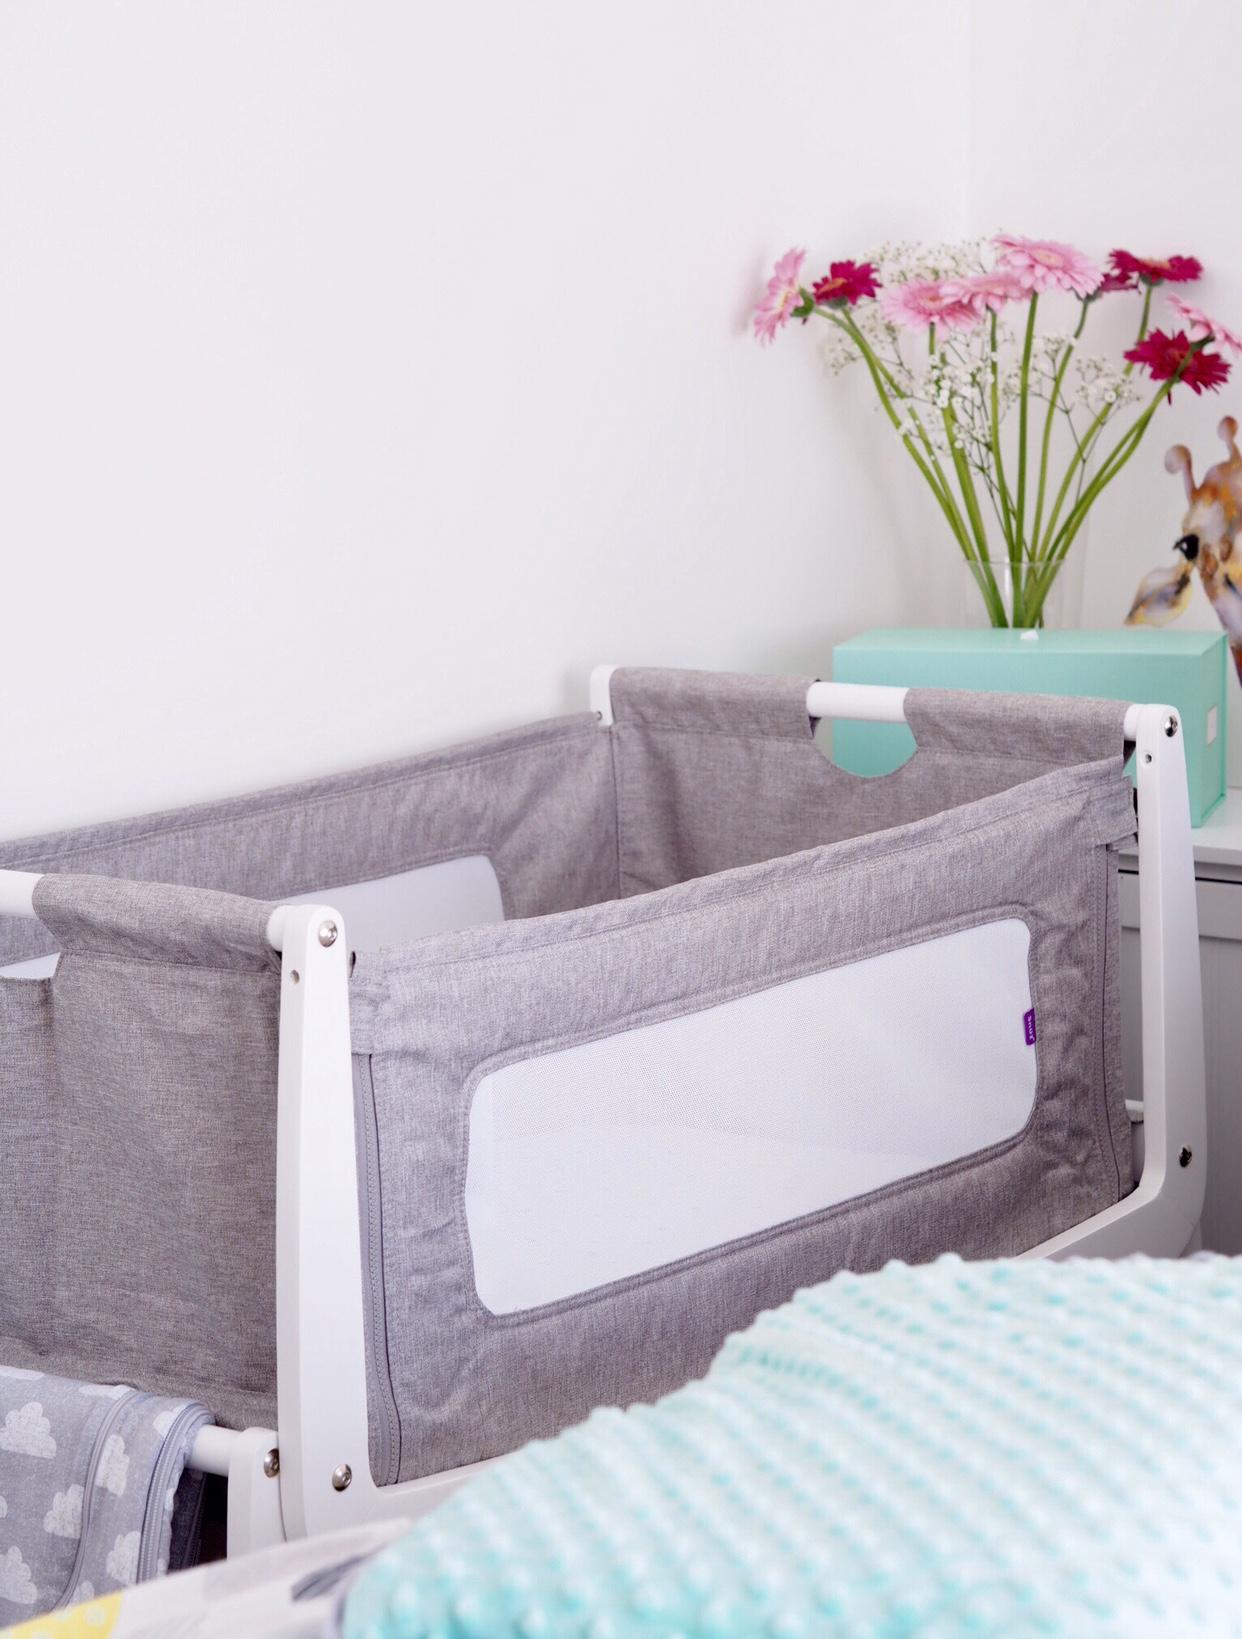 Snuzpod2 vs Snuzpod3 cosleeping crib